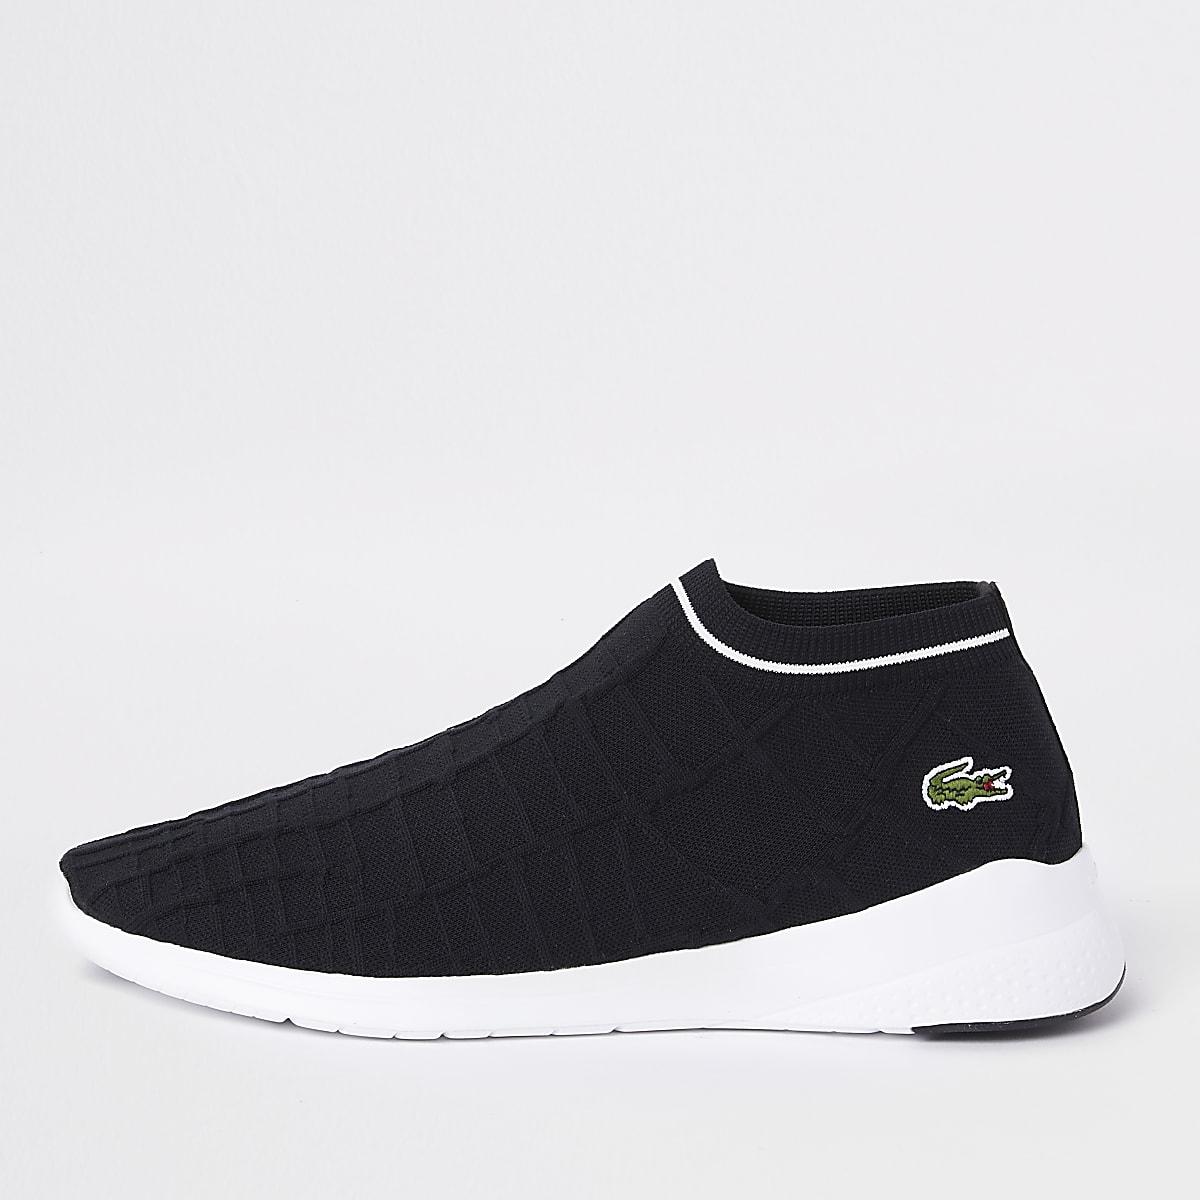 Lacoste - Zwarte soksneakers